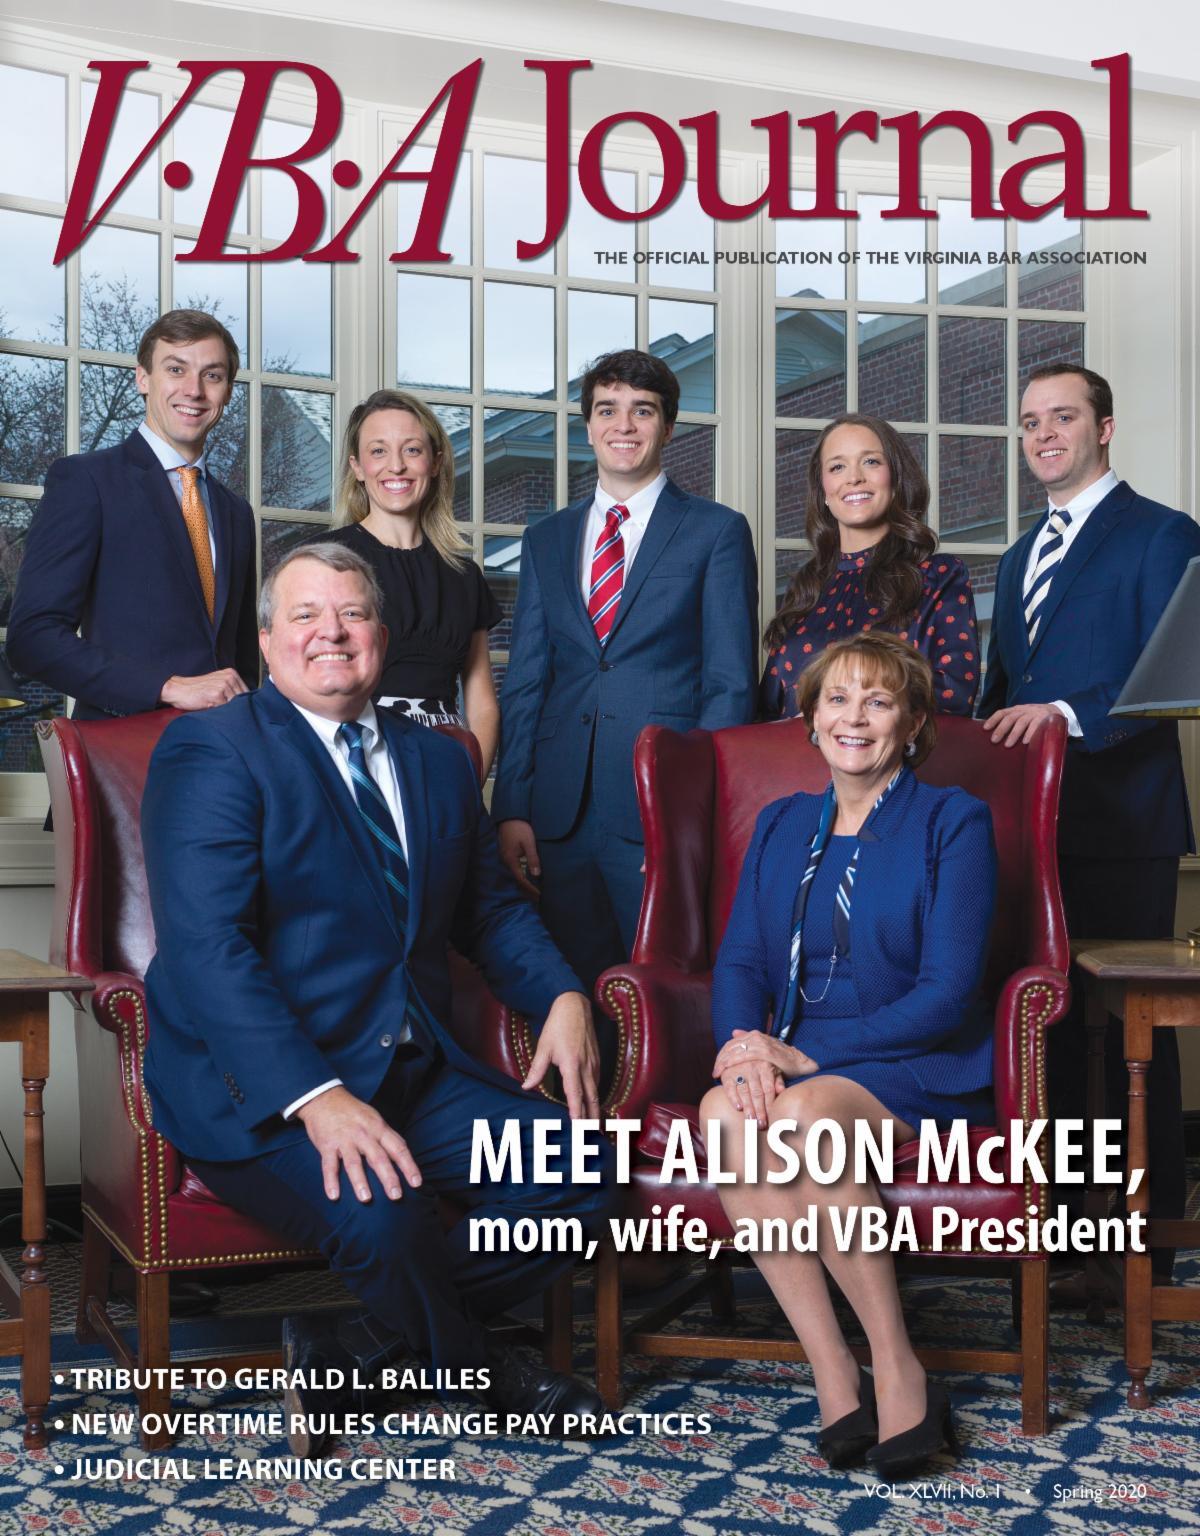 VBA Journal Spring 2020